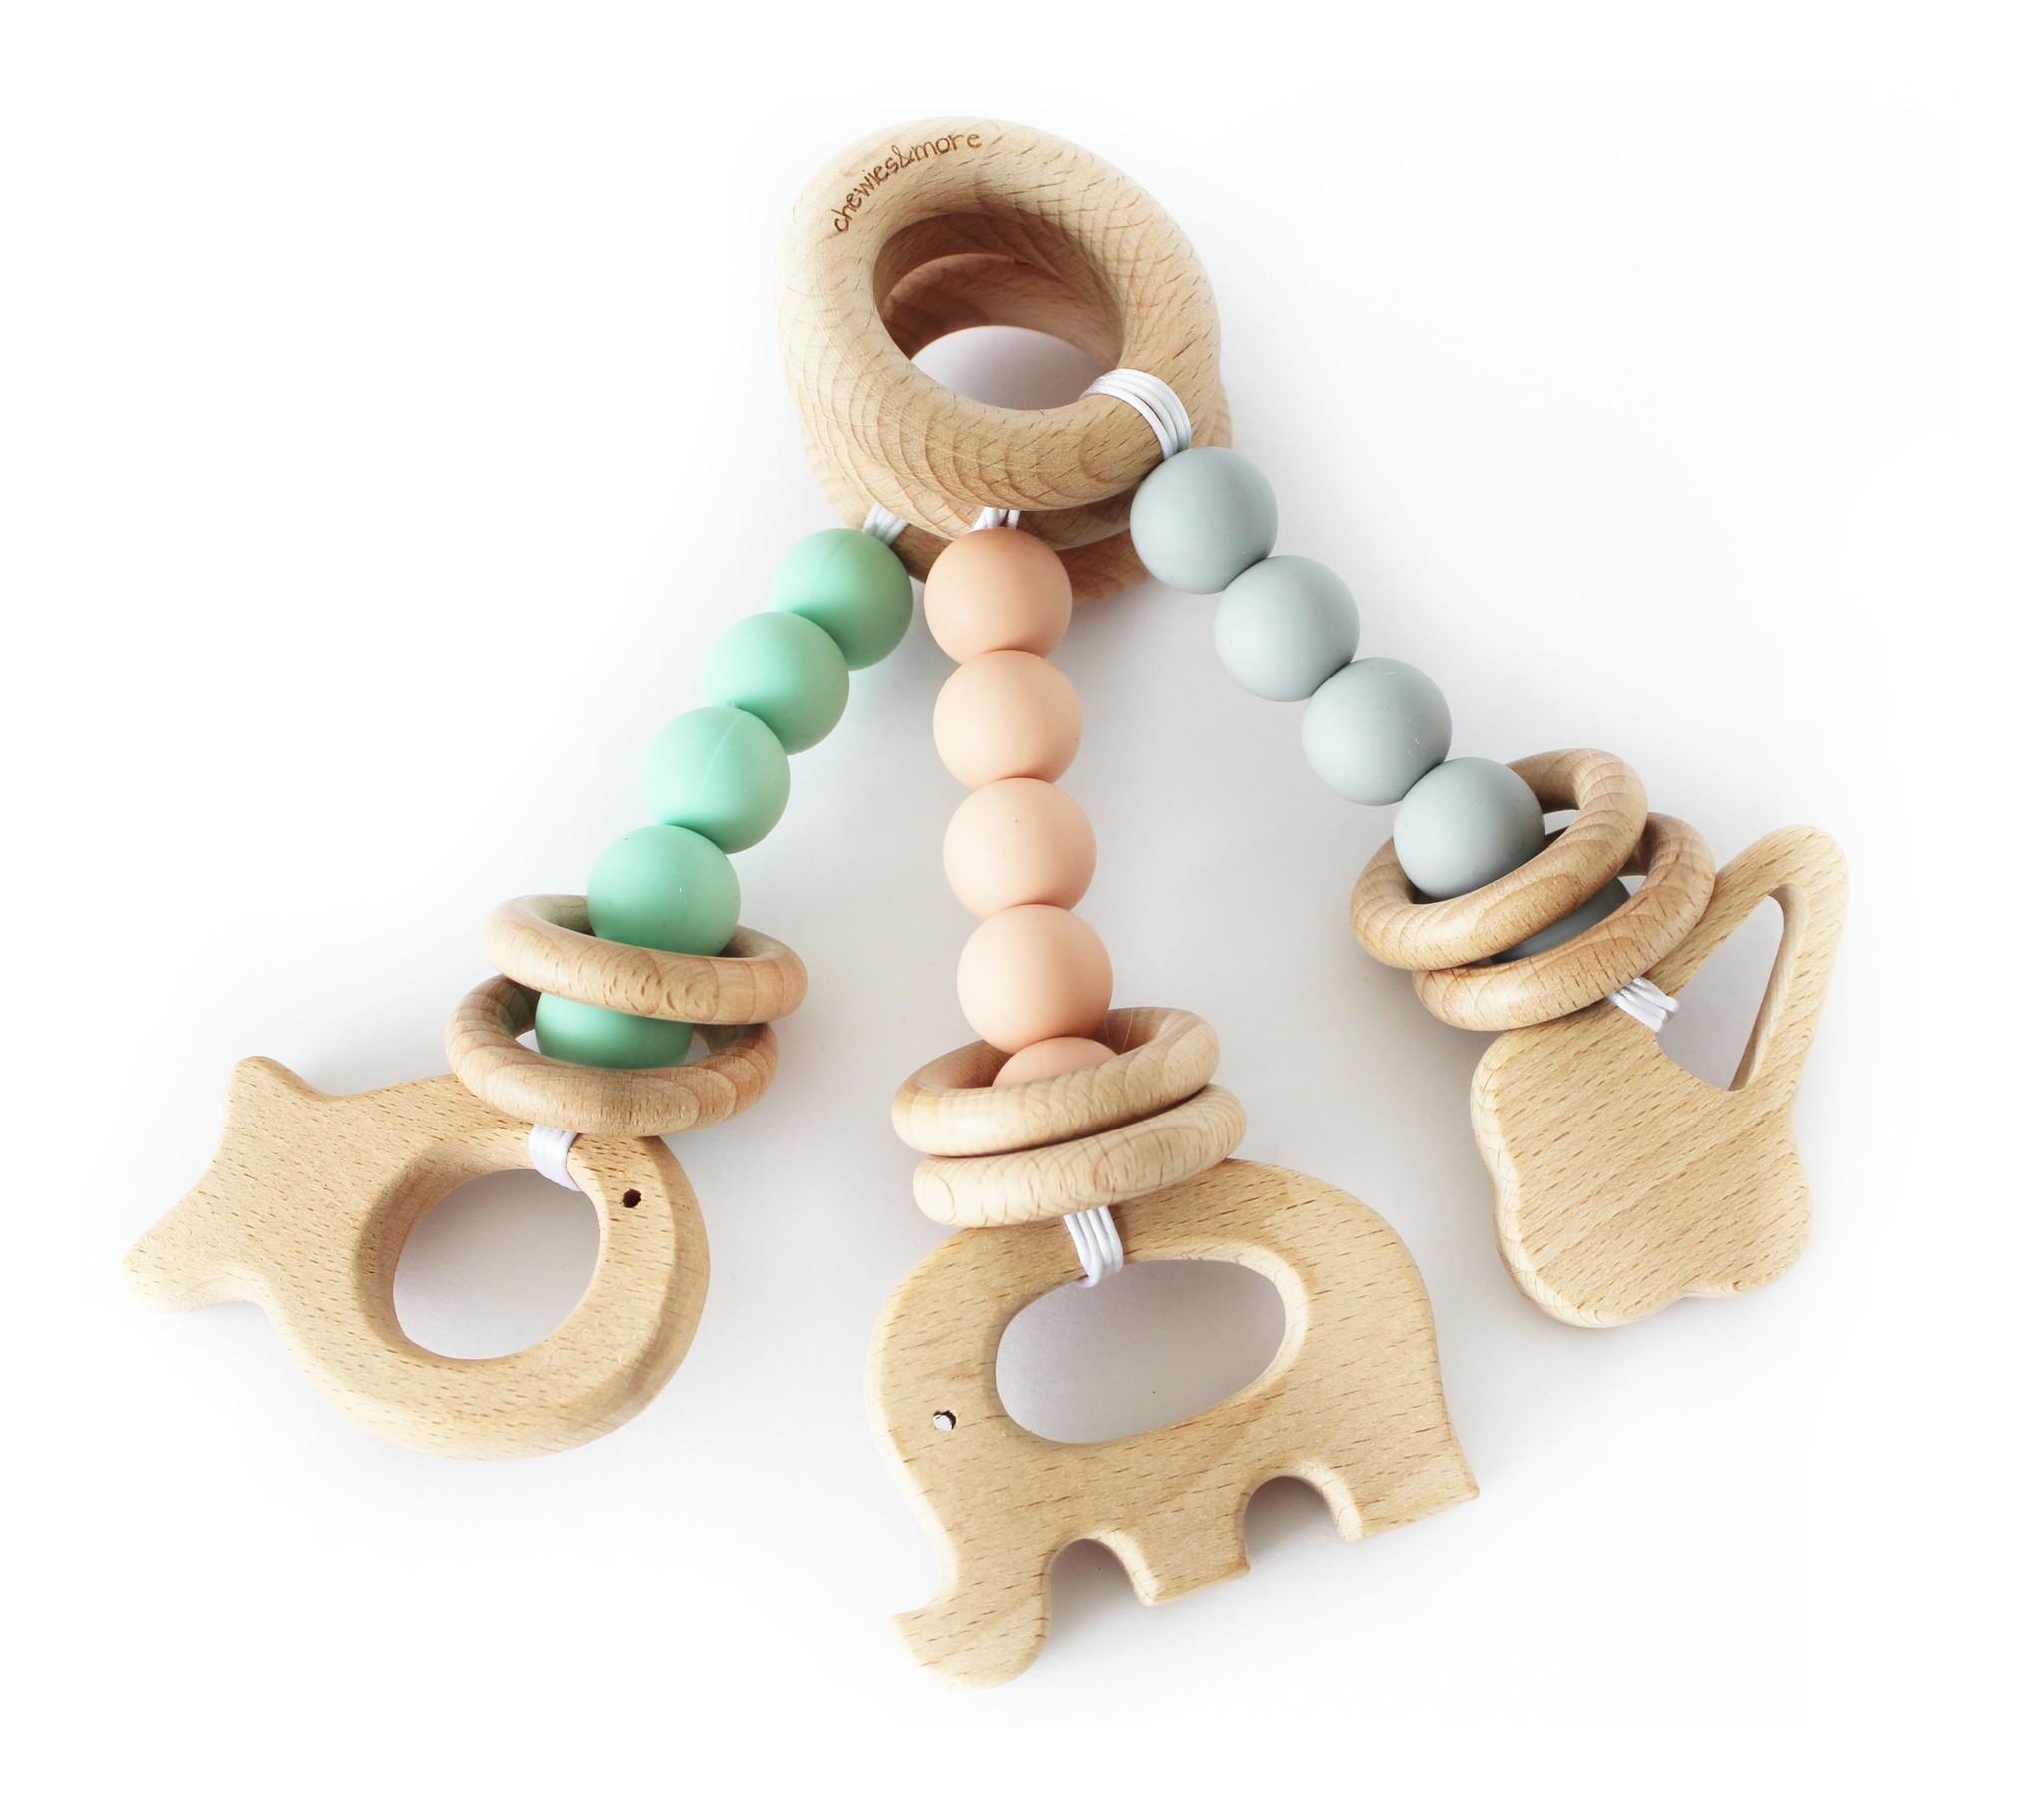 Chewie Play Rattle - houten baby speelgoed